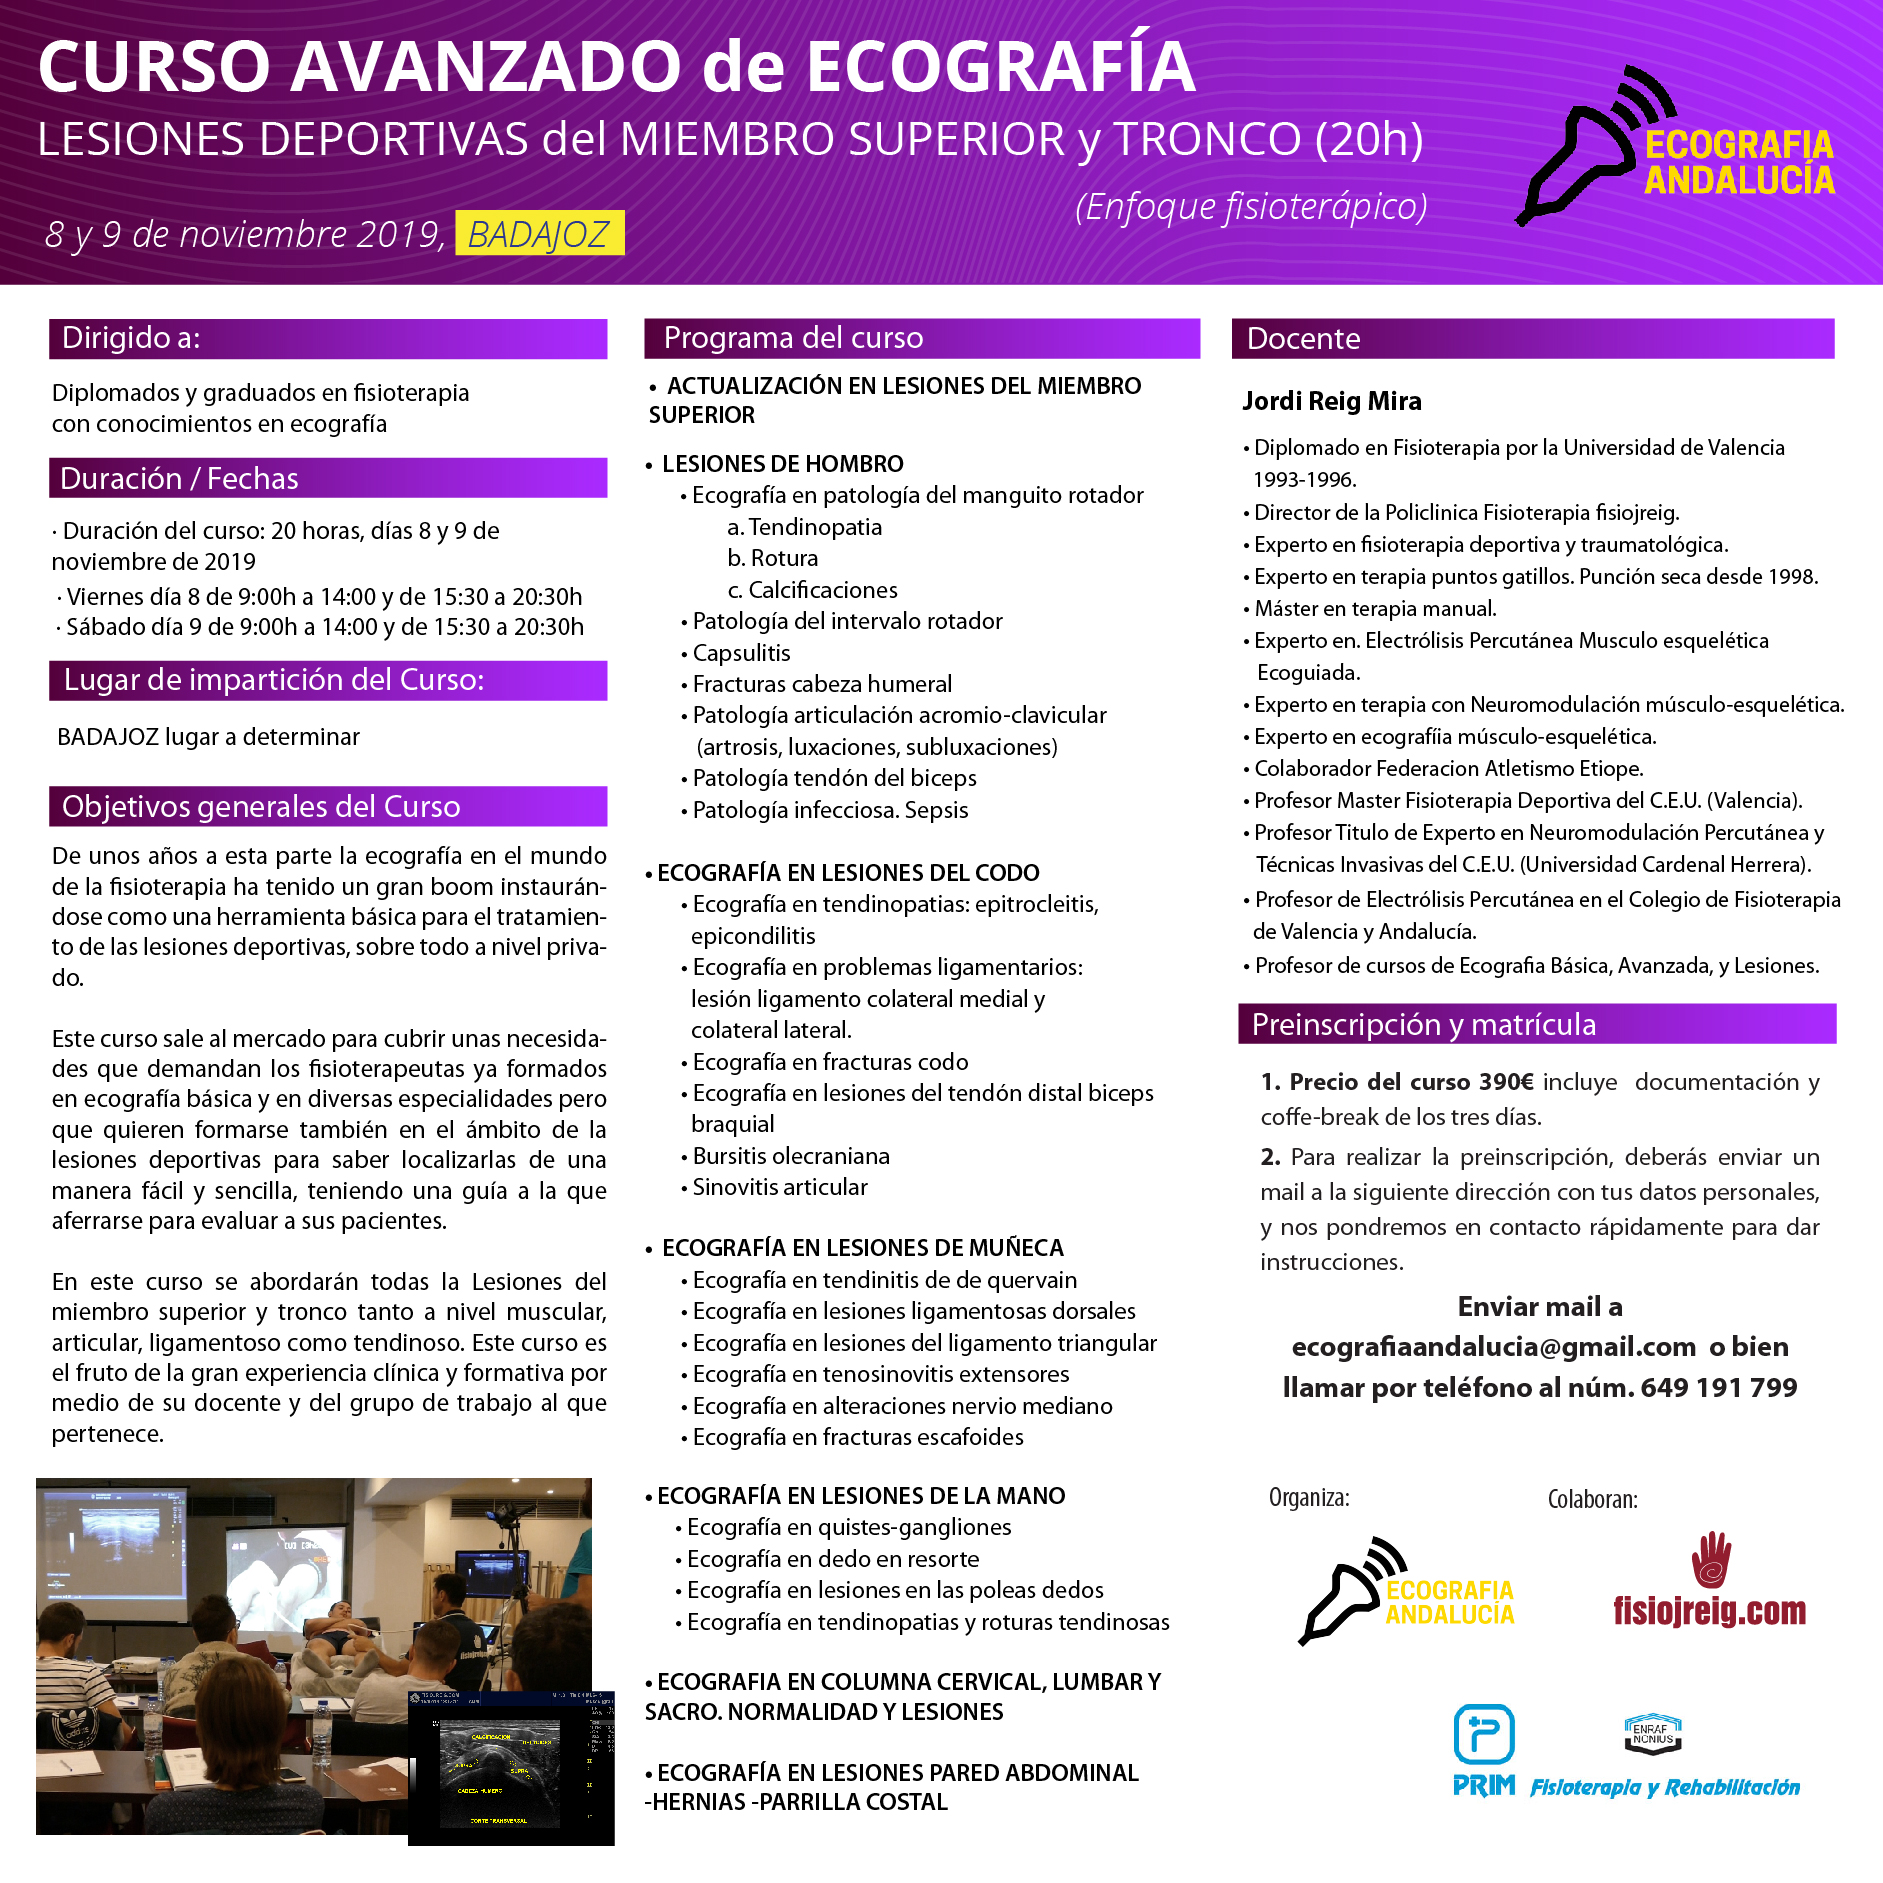 curso ecografia Badajoz